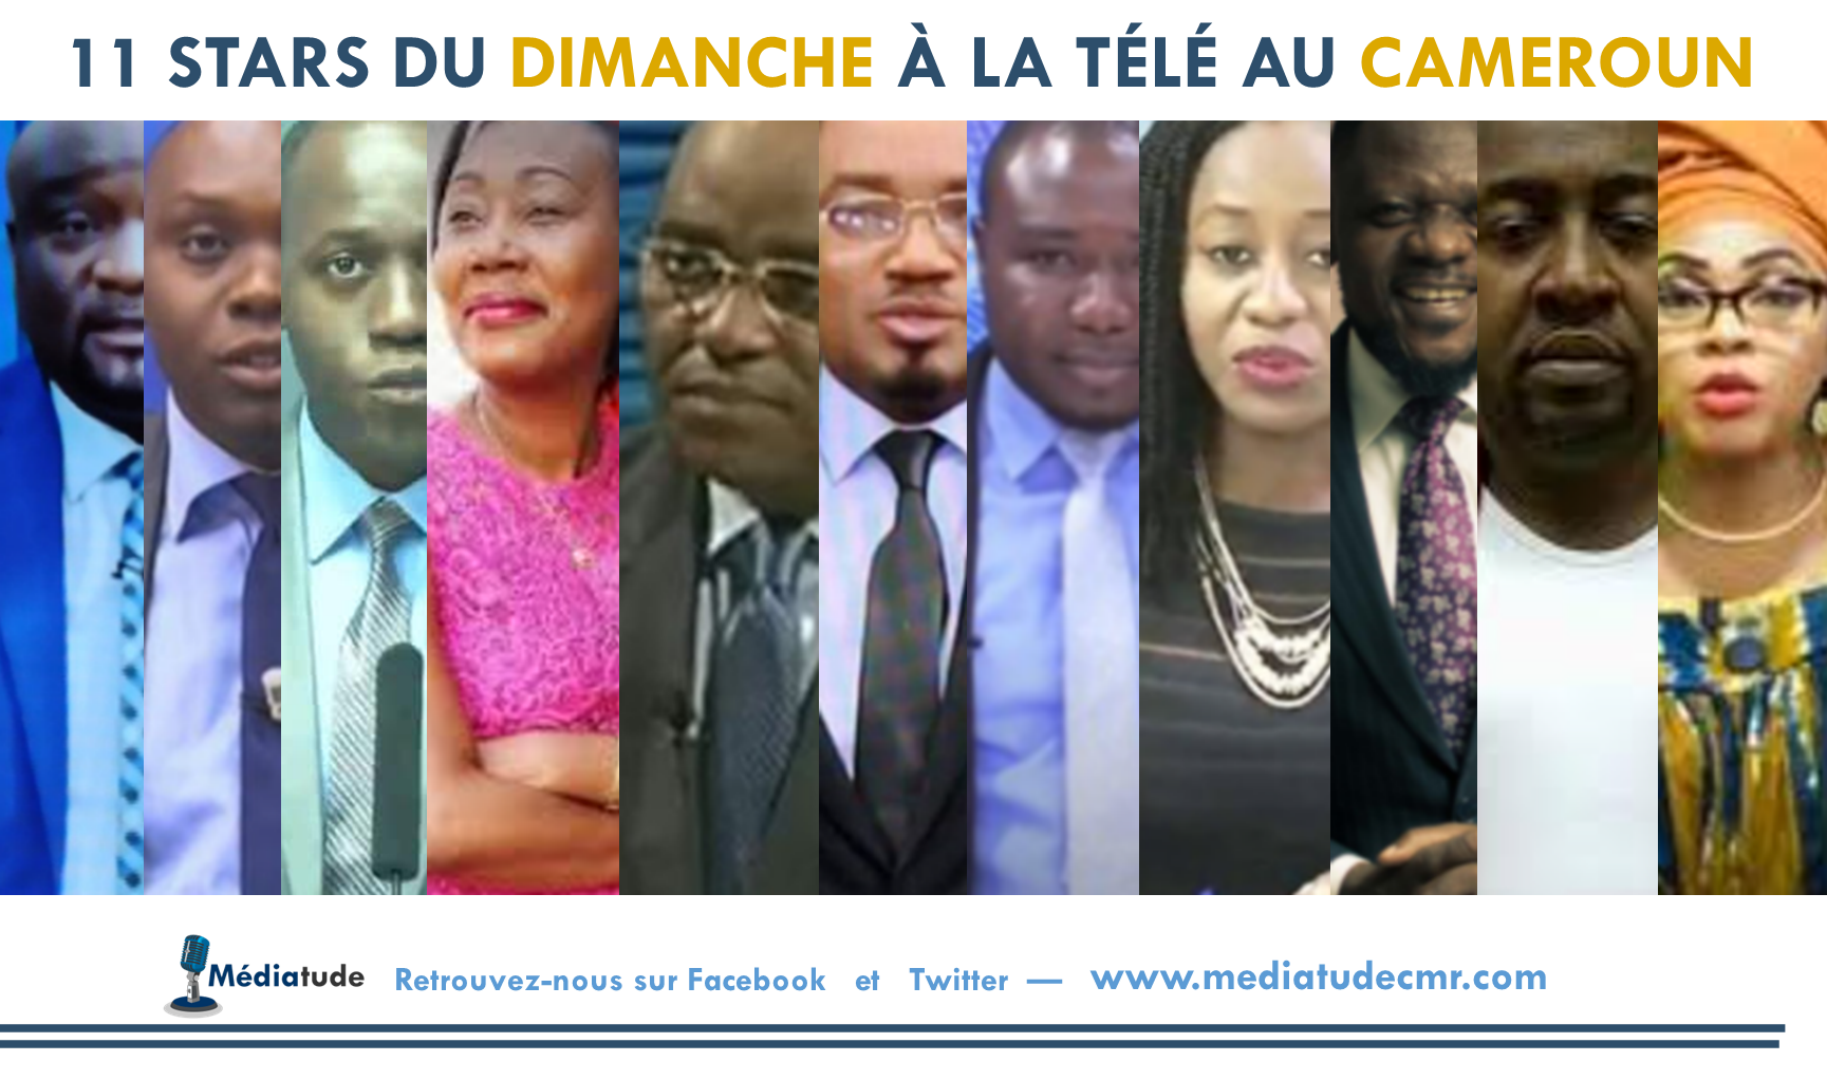 11 stars du dimanche à la télé au Cameroun